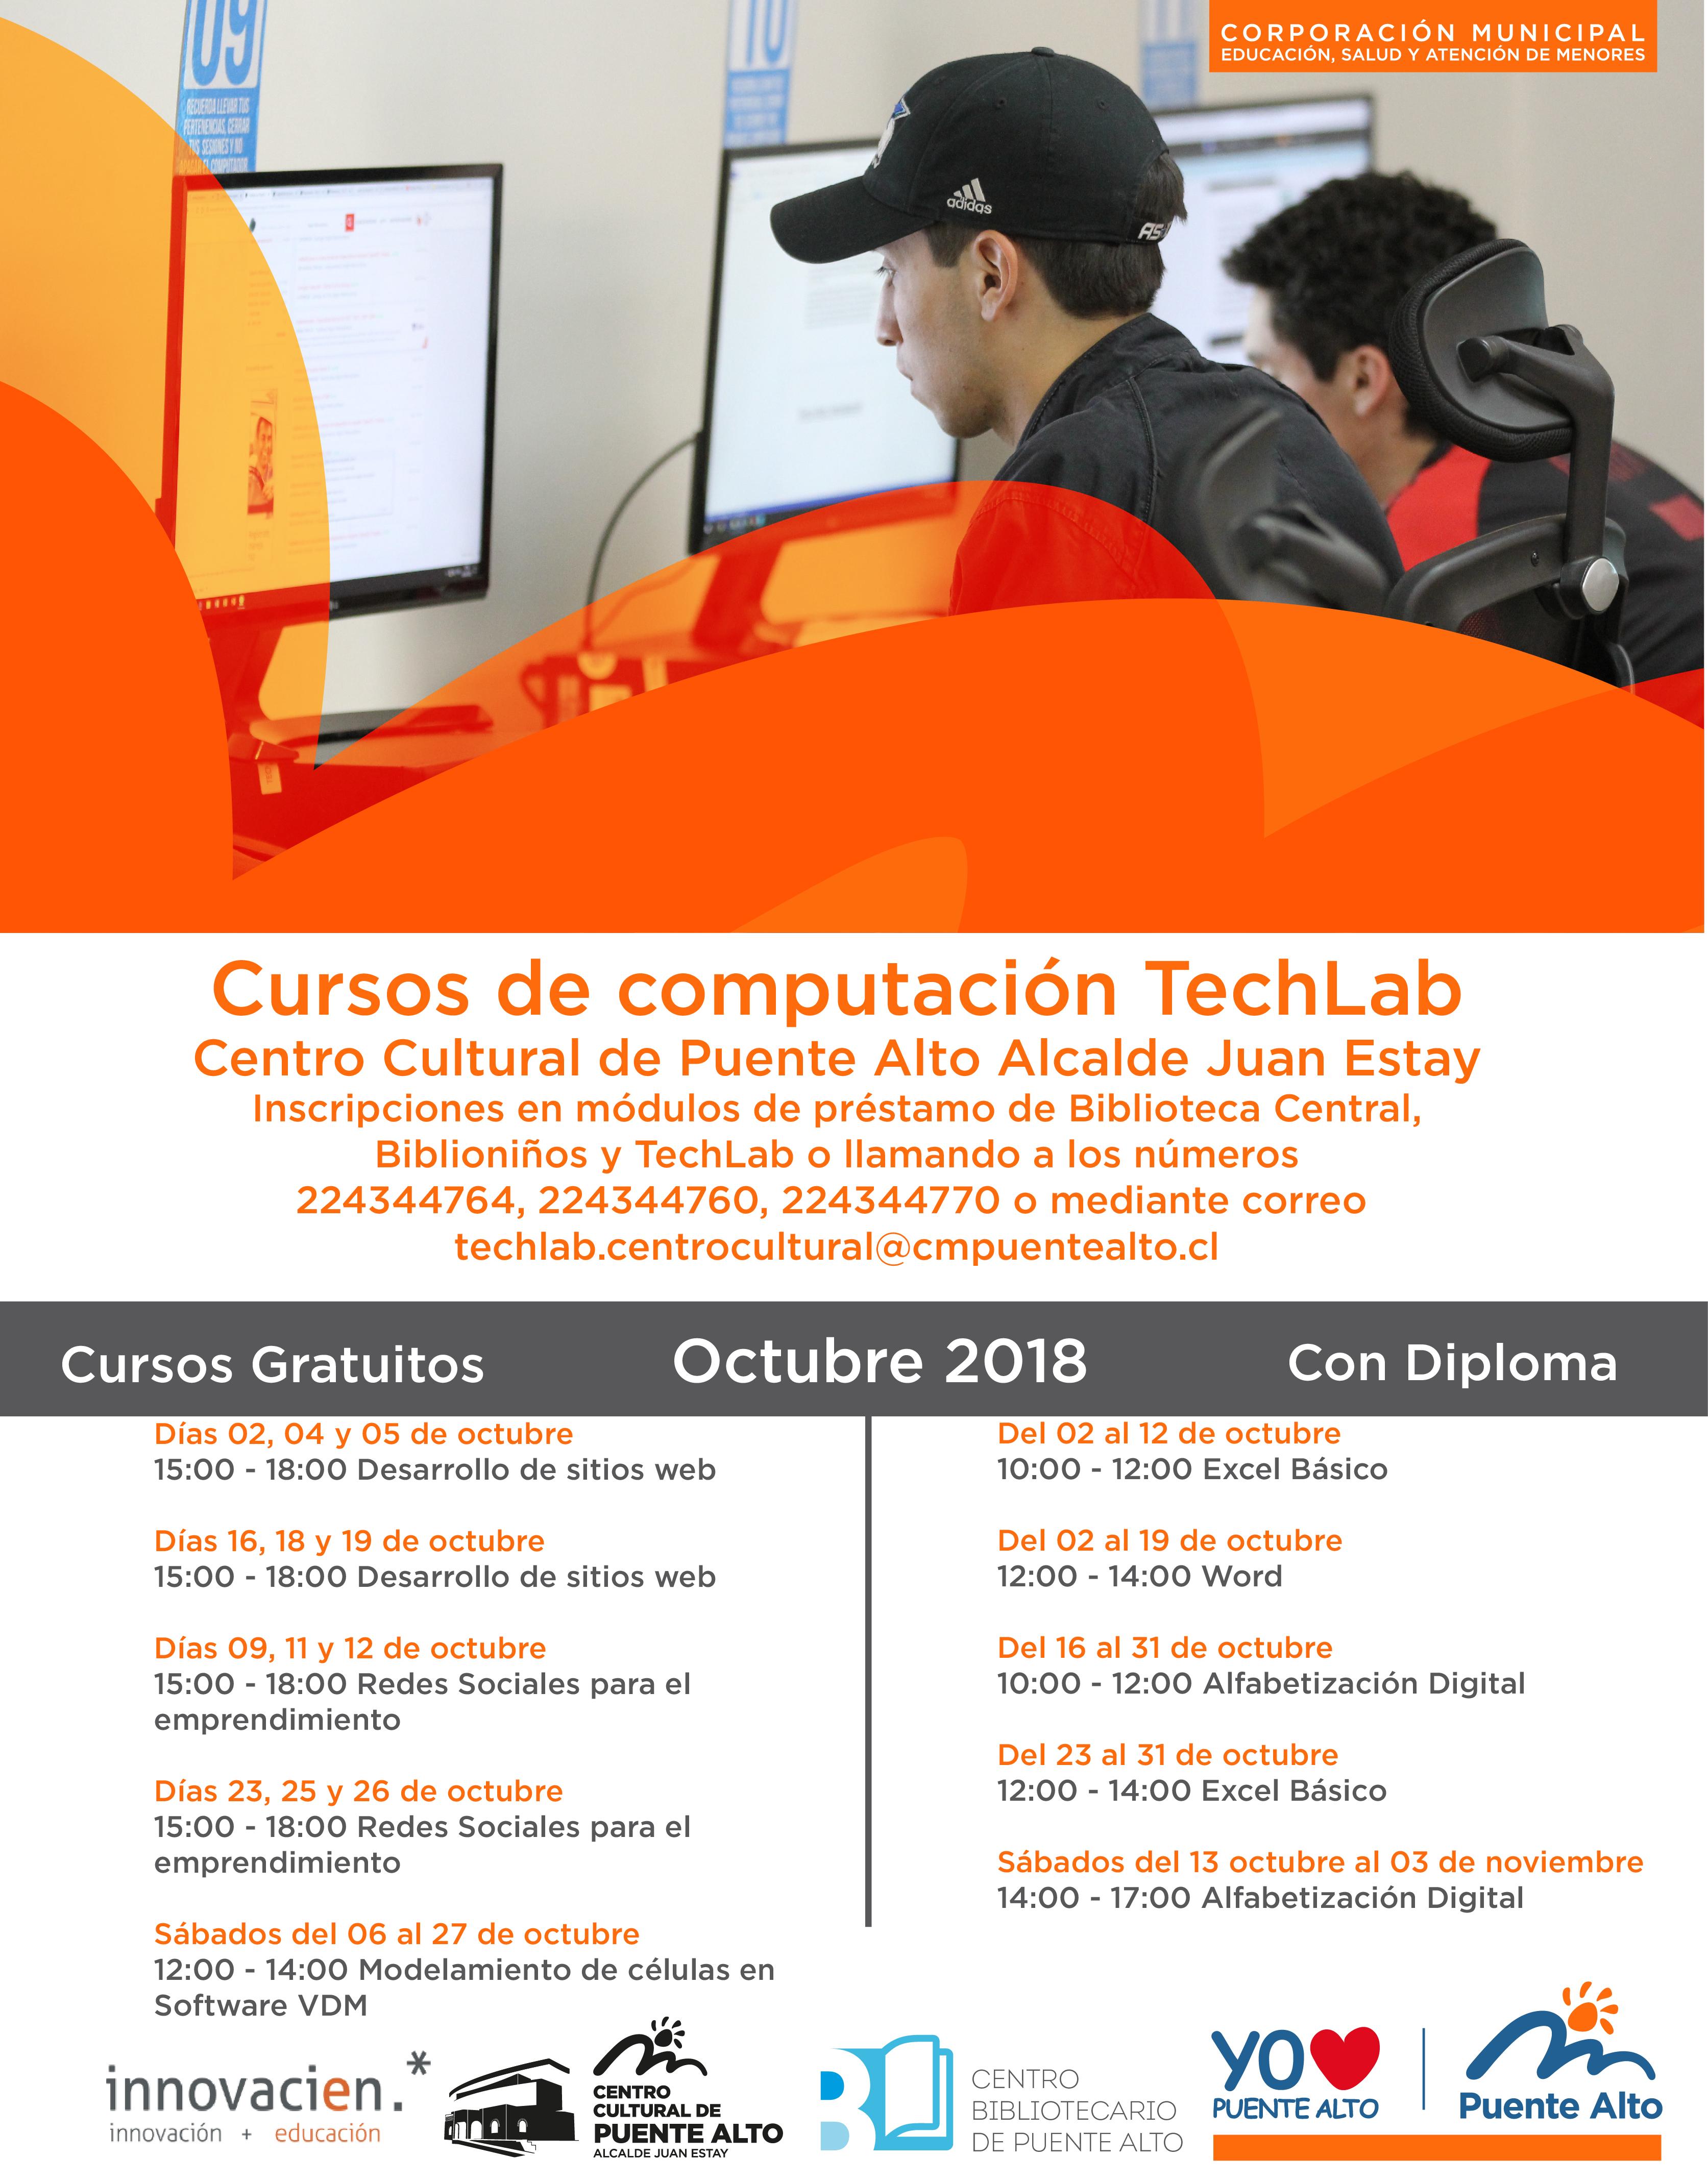 Cursos de Computación TechLab Octubre| Centro Cultural de Puente Alto